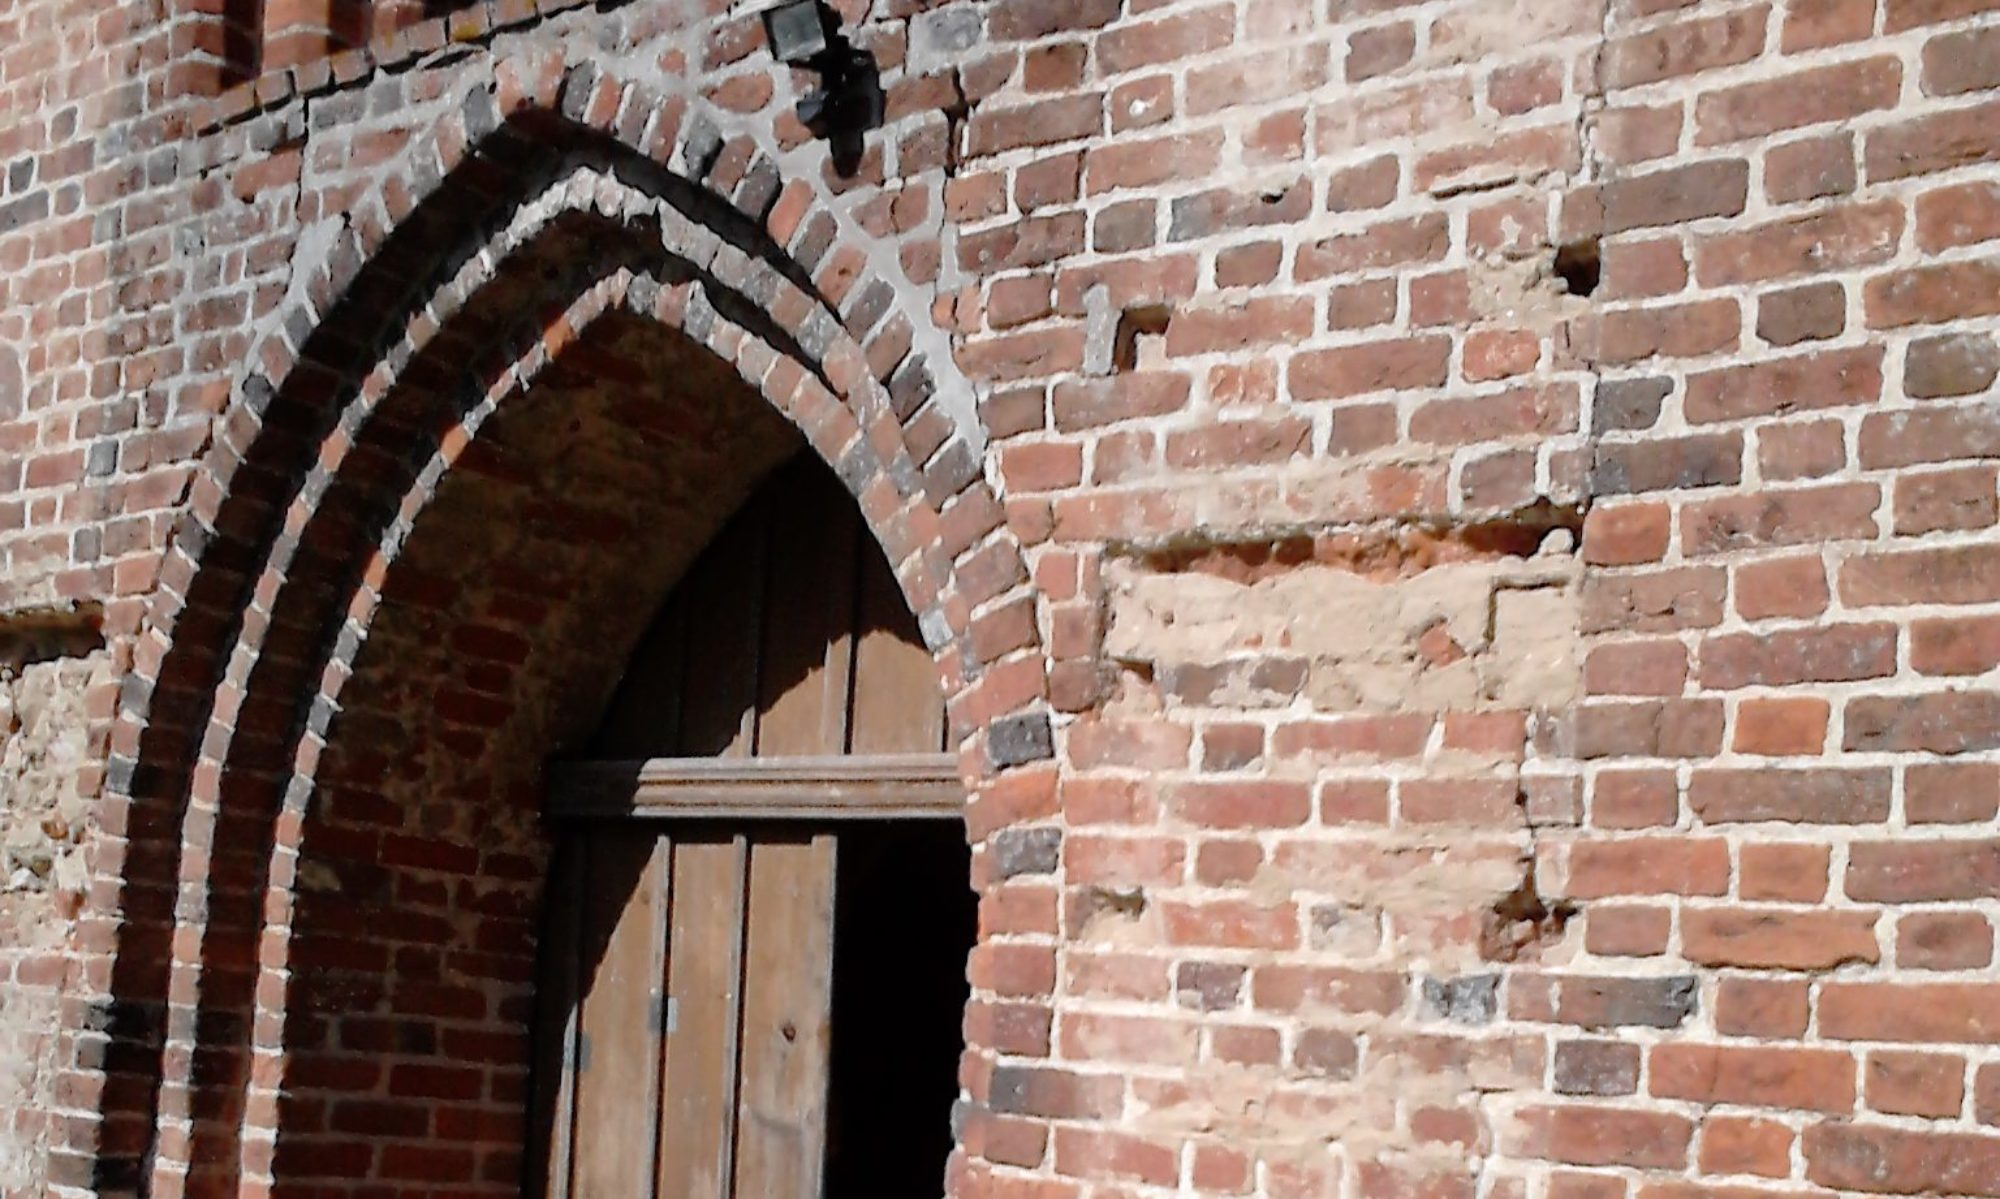 Förderverein zur Erhaltung der Kirche Friedrichshagen e.V.